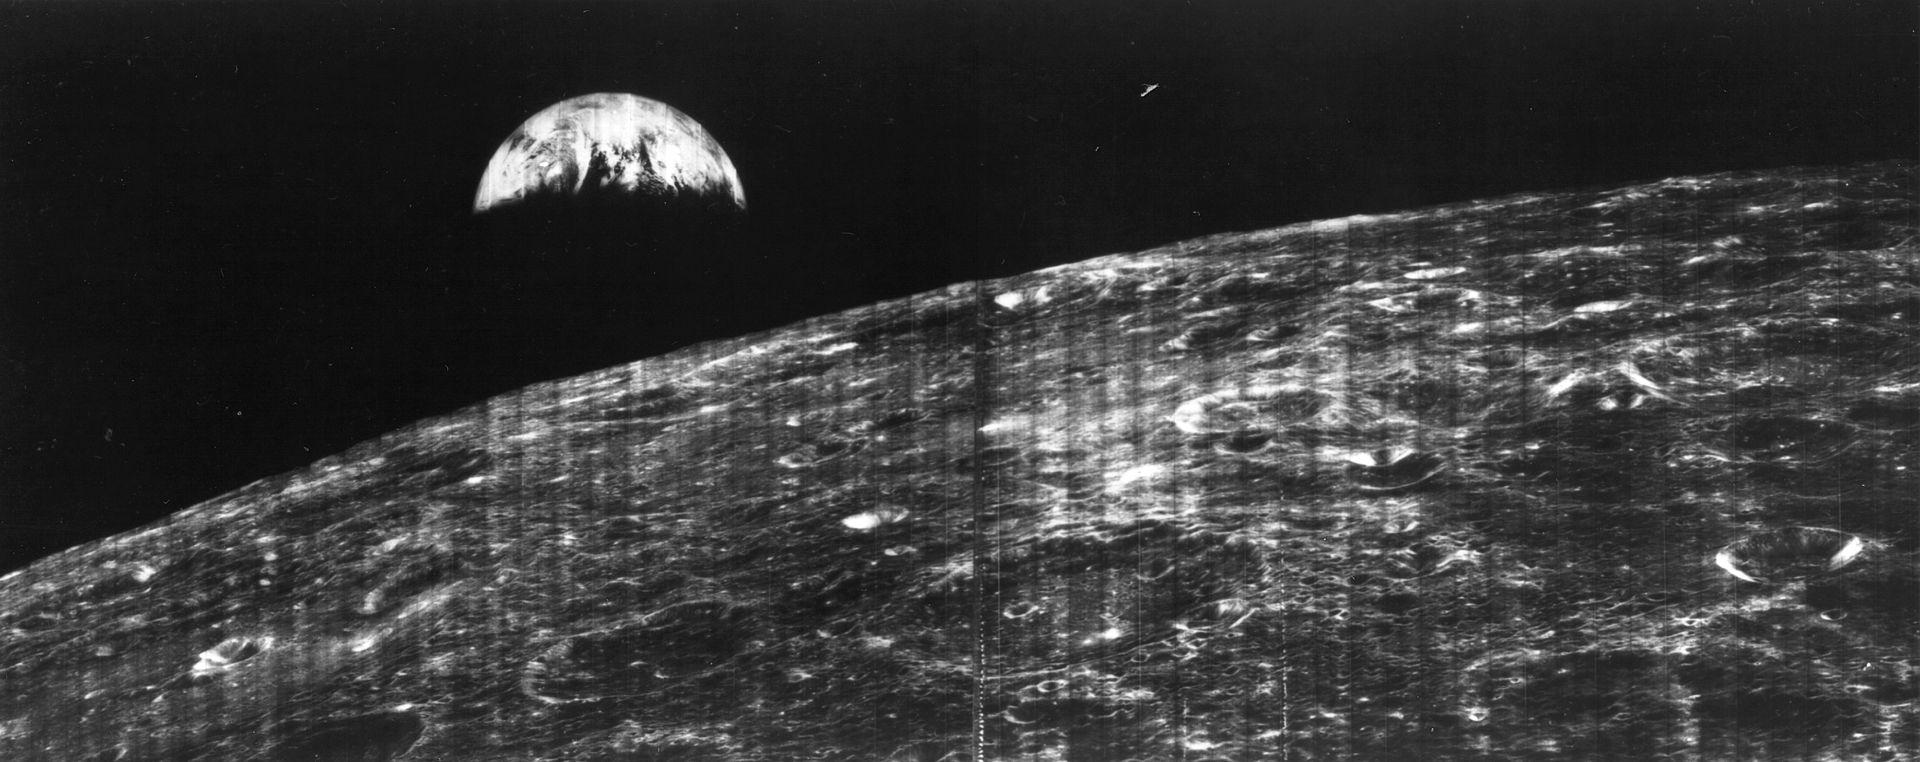 """Первый в мире снимок Земли, сделанный космическим кораблем с поверхности Луны. Фотография была передана на Землю аппаратом """"Лунар орбитер"""" в 1966 году"""